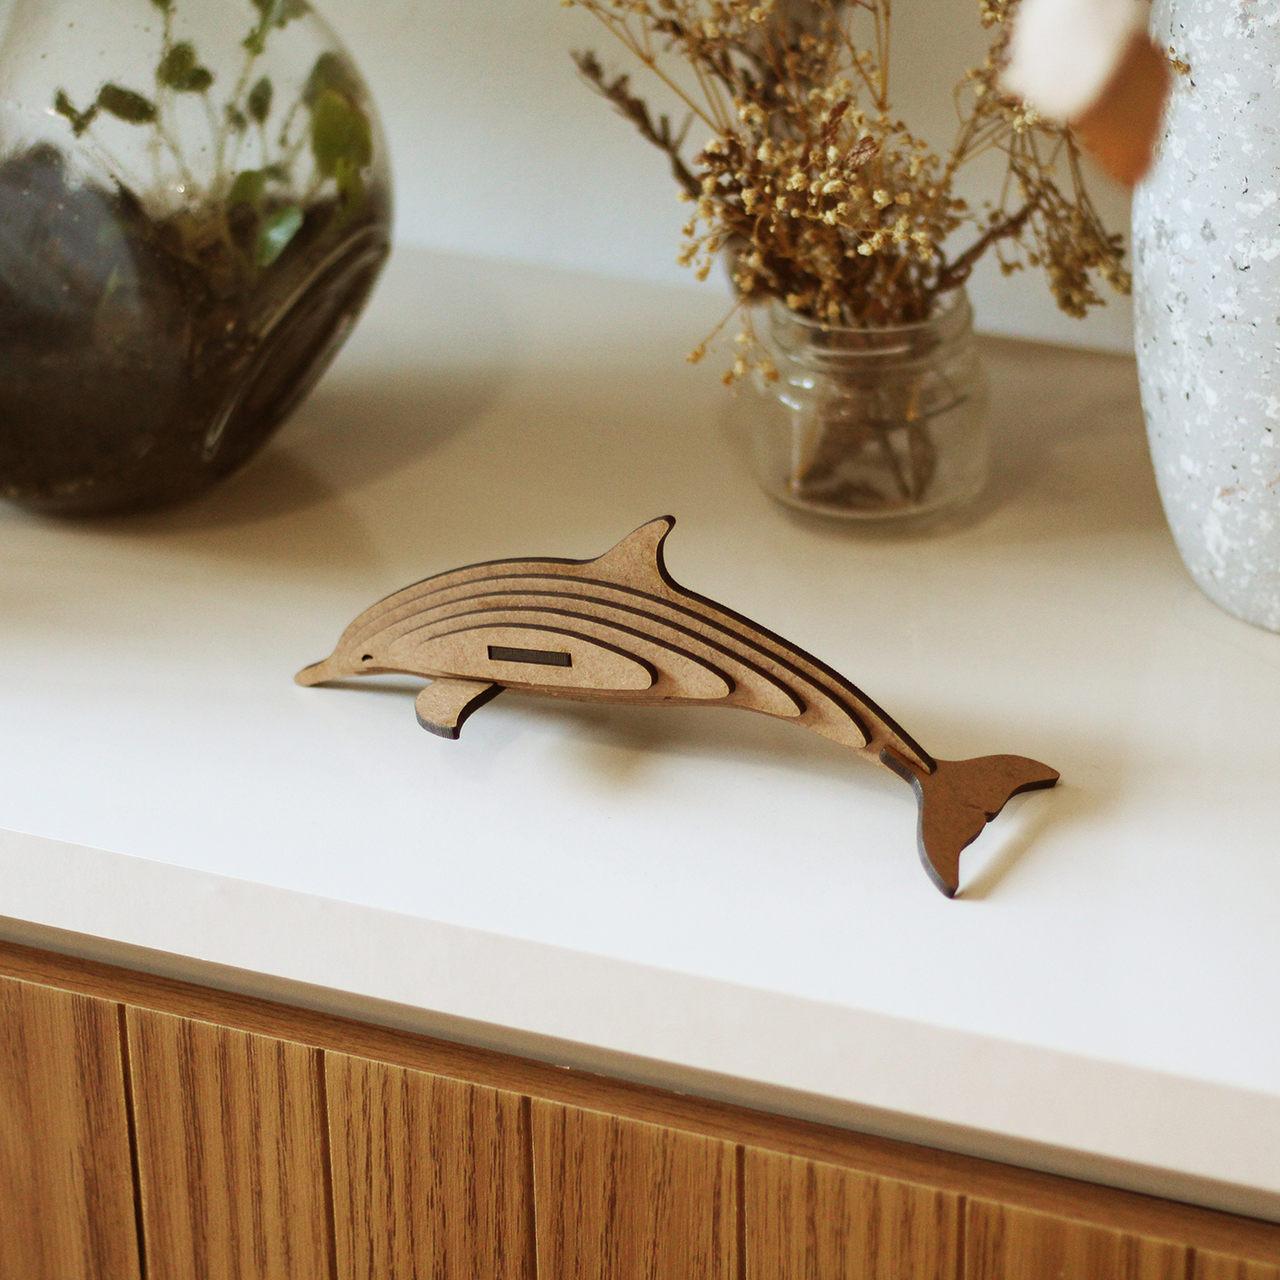 Miniatura para montar Golfinho